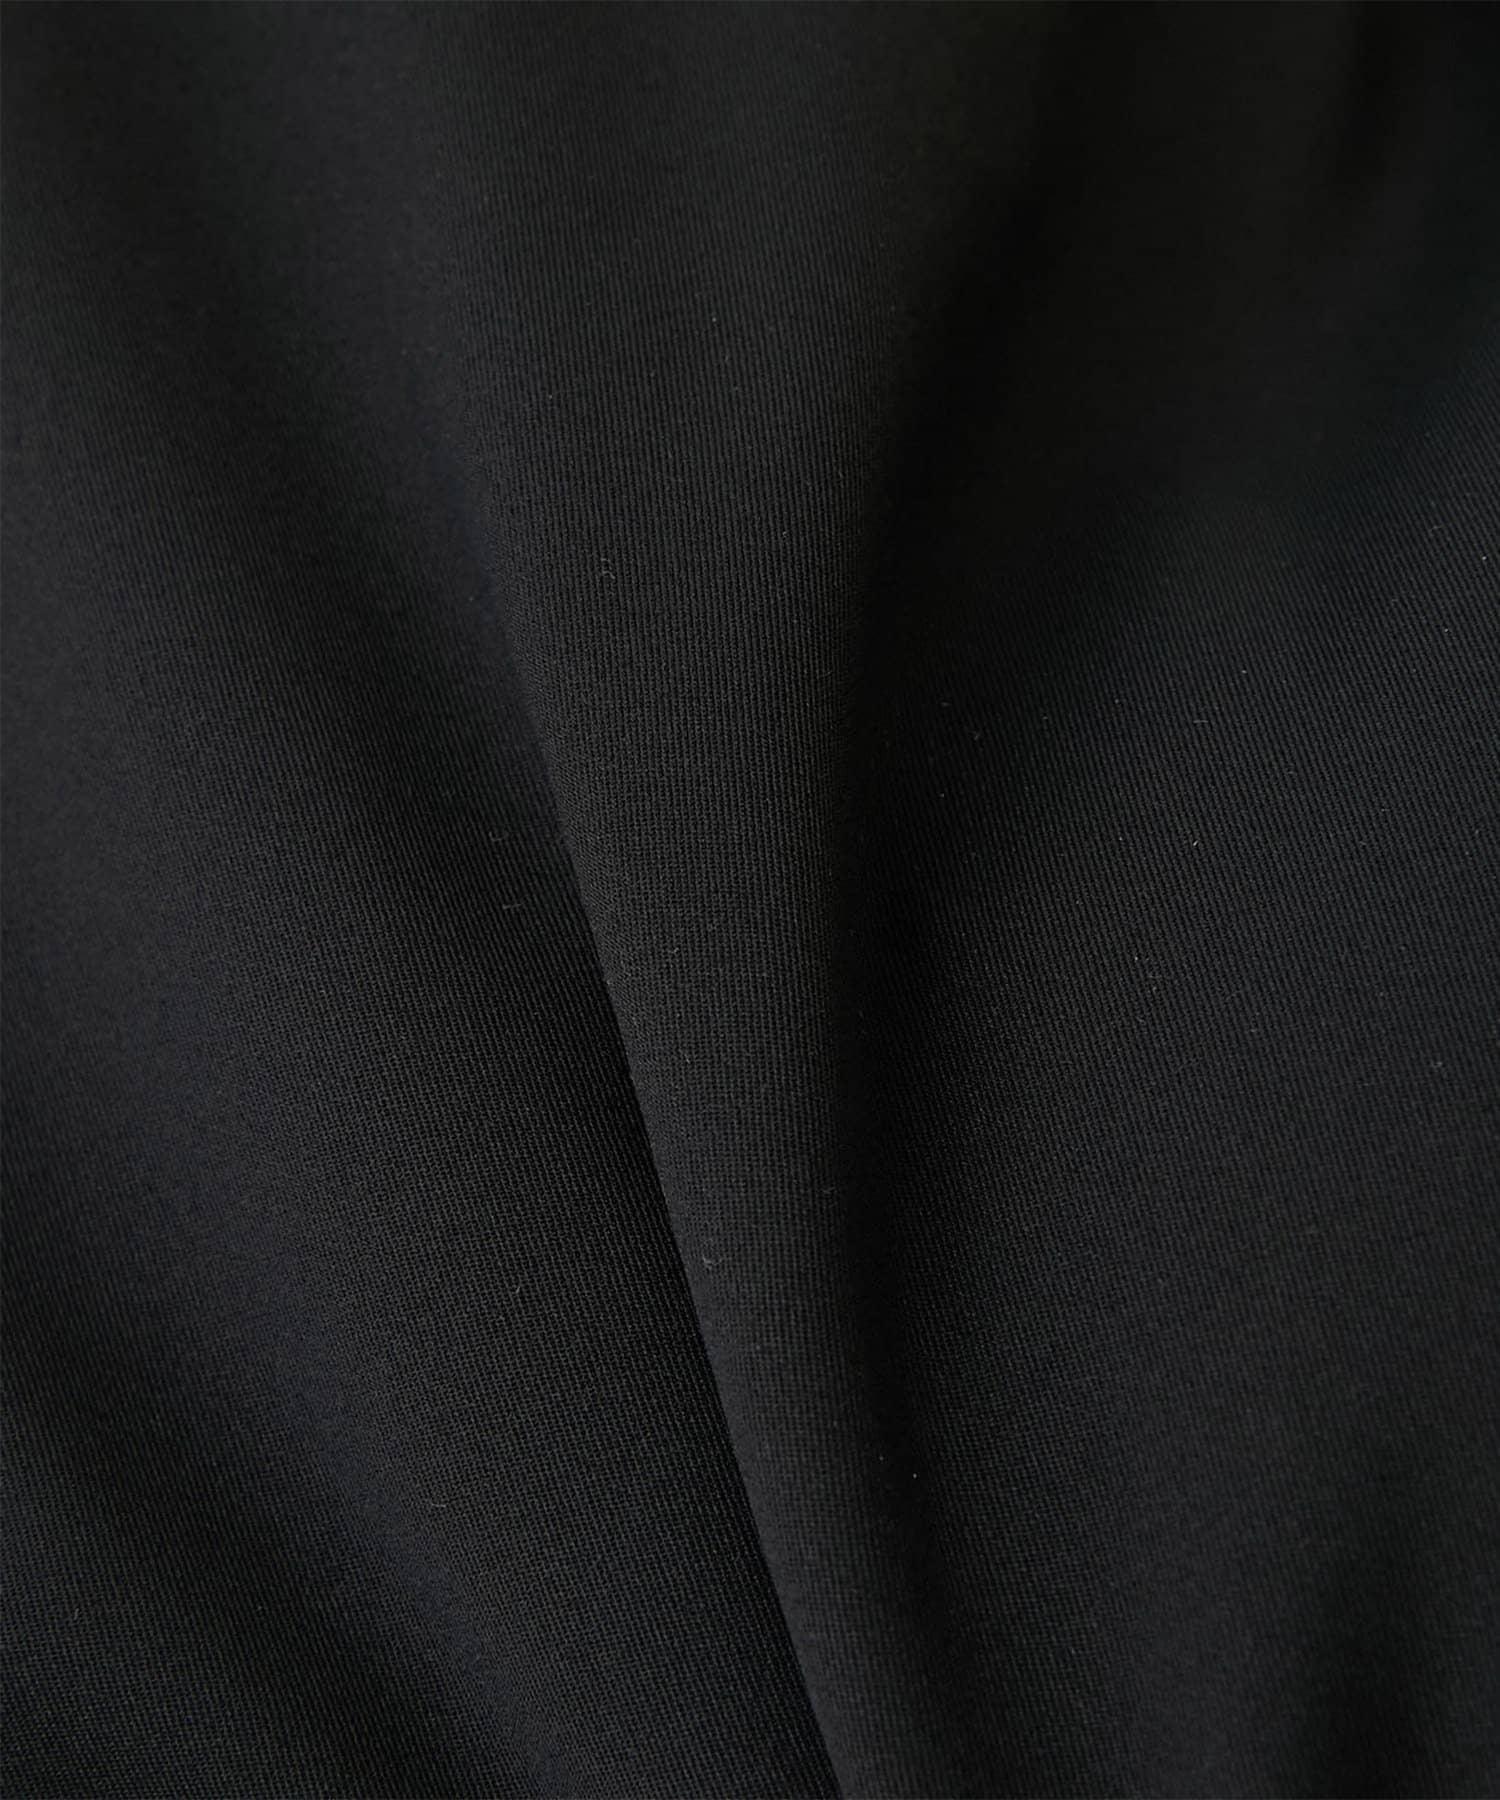 GALLARDAGALANTE(ガリャルダガランテ) 【IIROT】ダウンフーディー